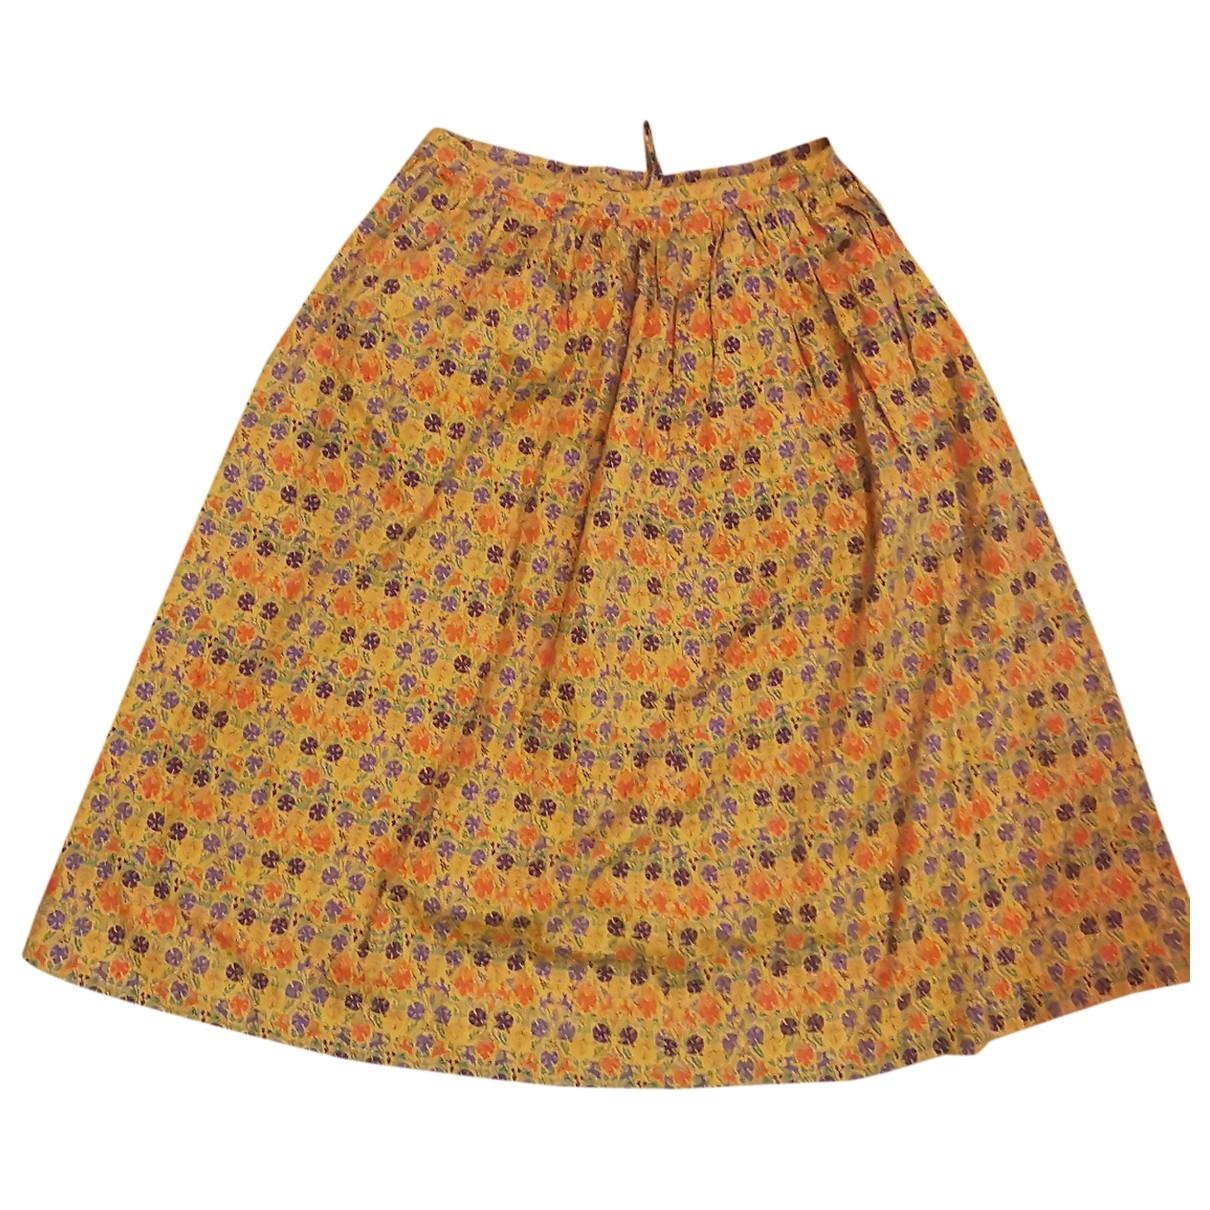 Celine \N Yellow Cotton skirt for Women S International